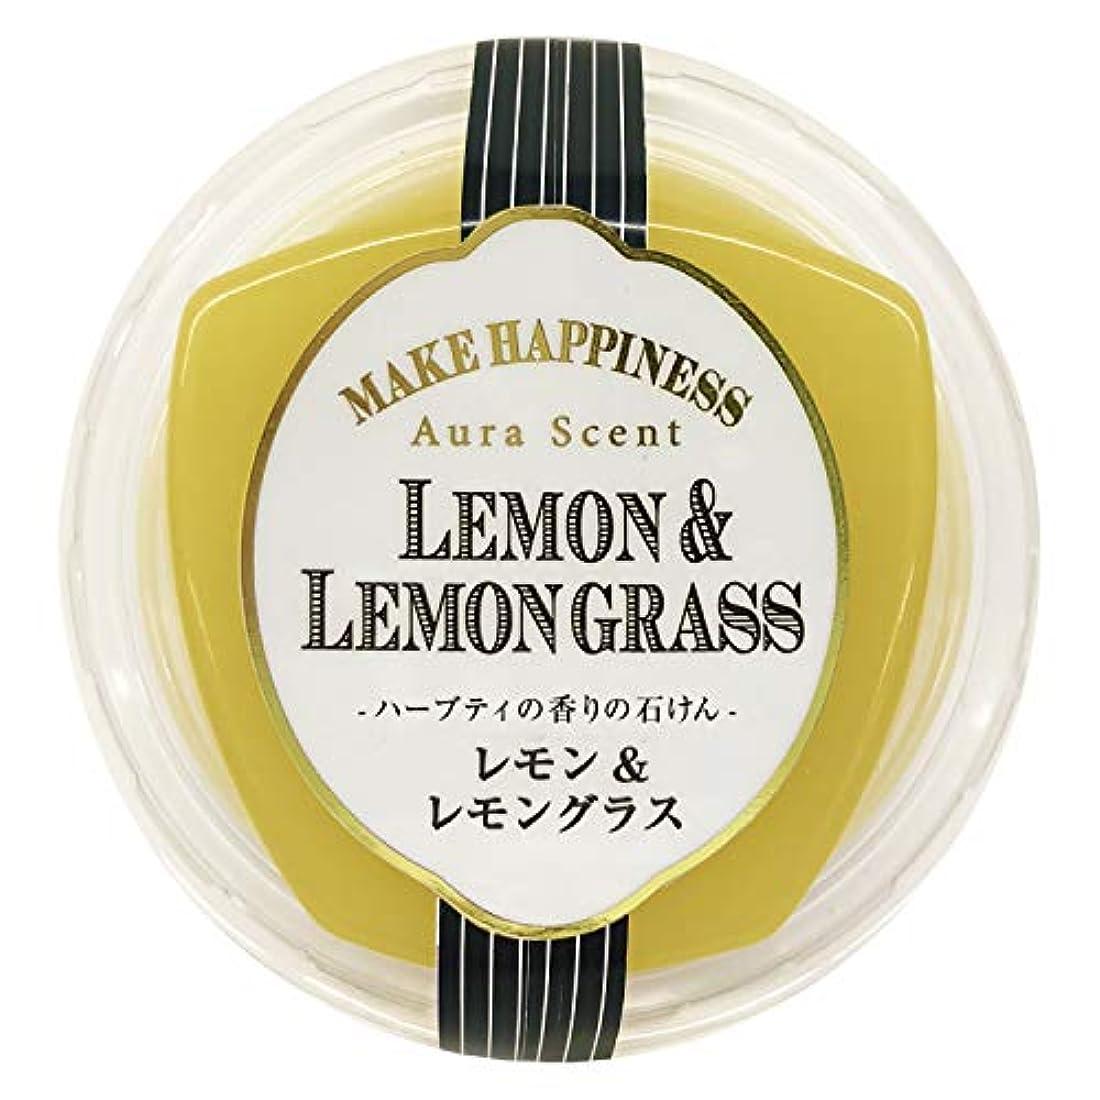 調停する駅魅力的ペリカン石鹸 オーラセント クリアソープ レモン&レモングラス 75g